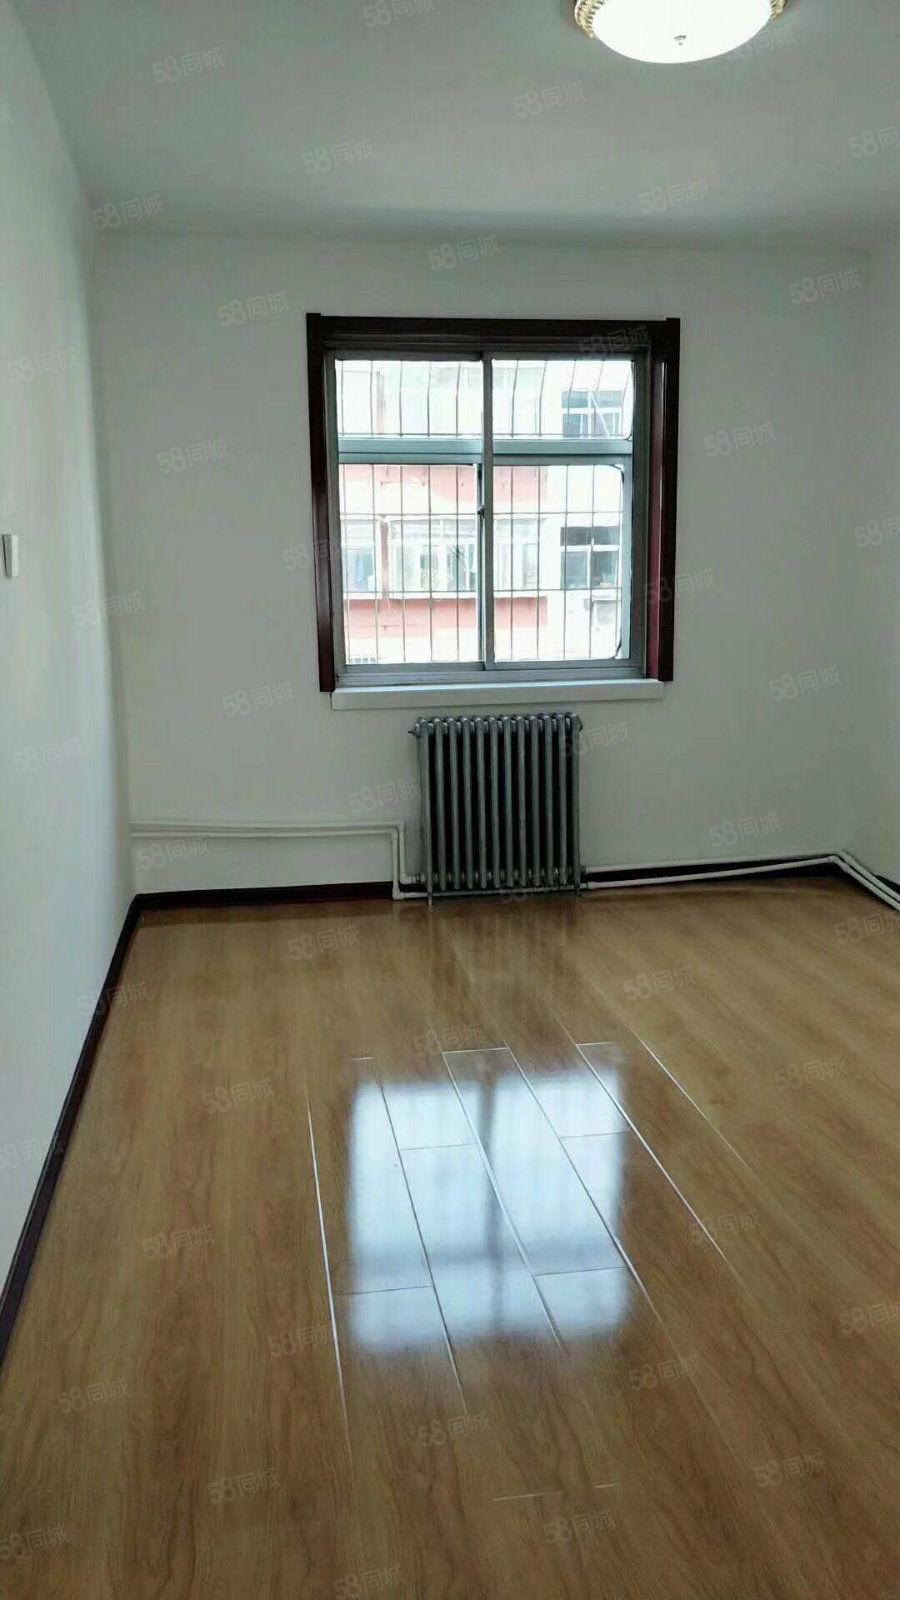 卢龙县永平110平米带大下房仅售价48万